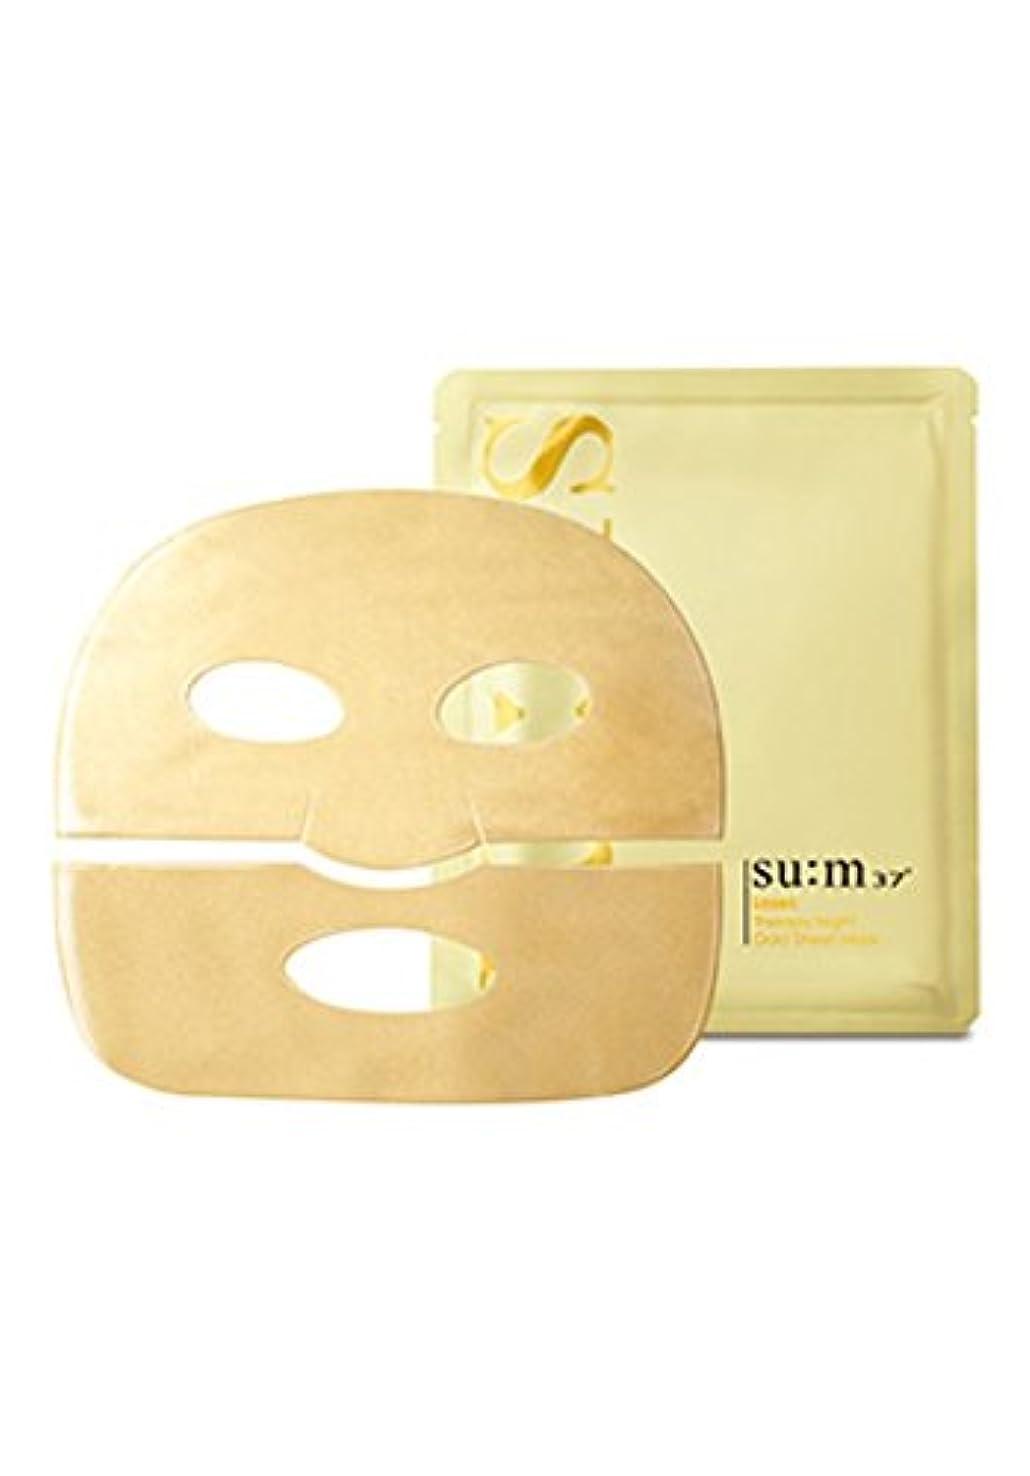 理想的影響を受けやすいです十一su:m37° Losec Therapy Night Gold Sheet Mask 7Sheets/スム37° ロセック セラピー ナイト ゴールド シートマスク 7枚